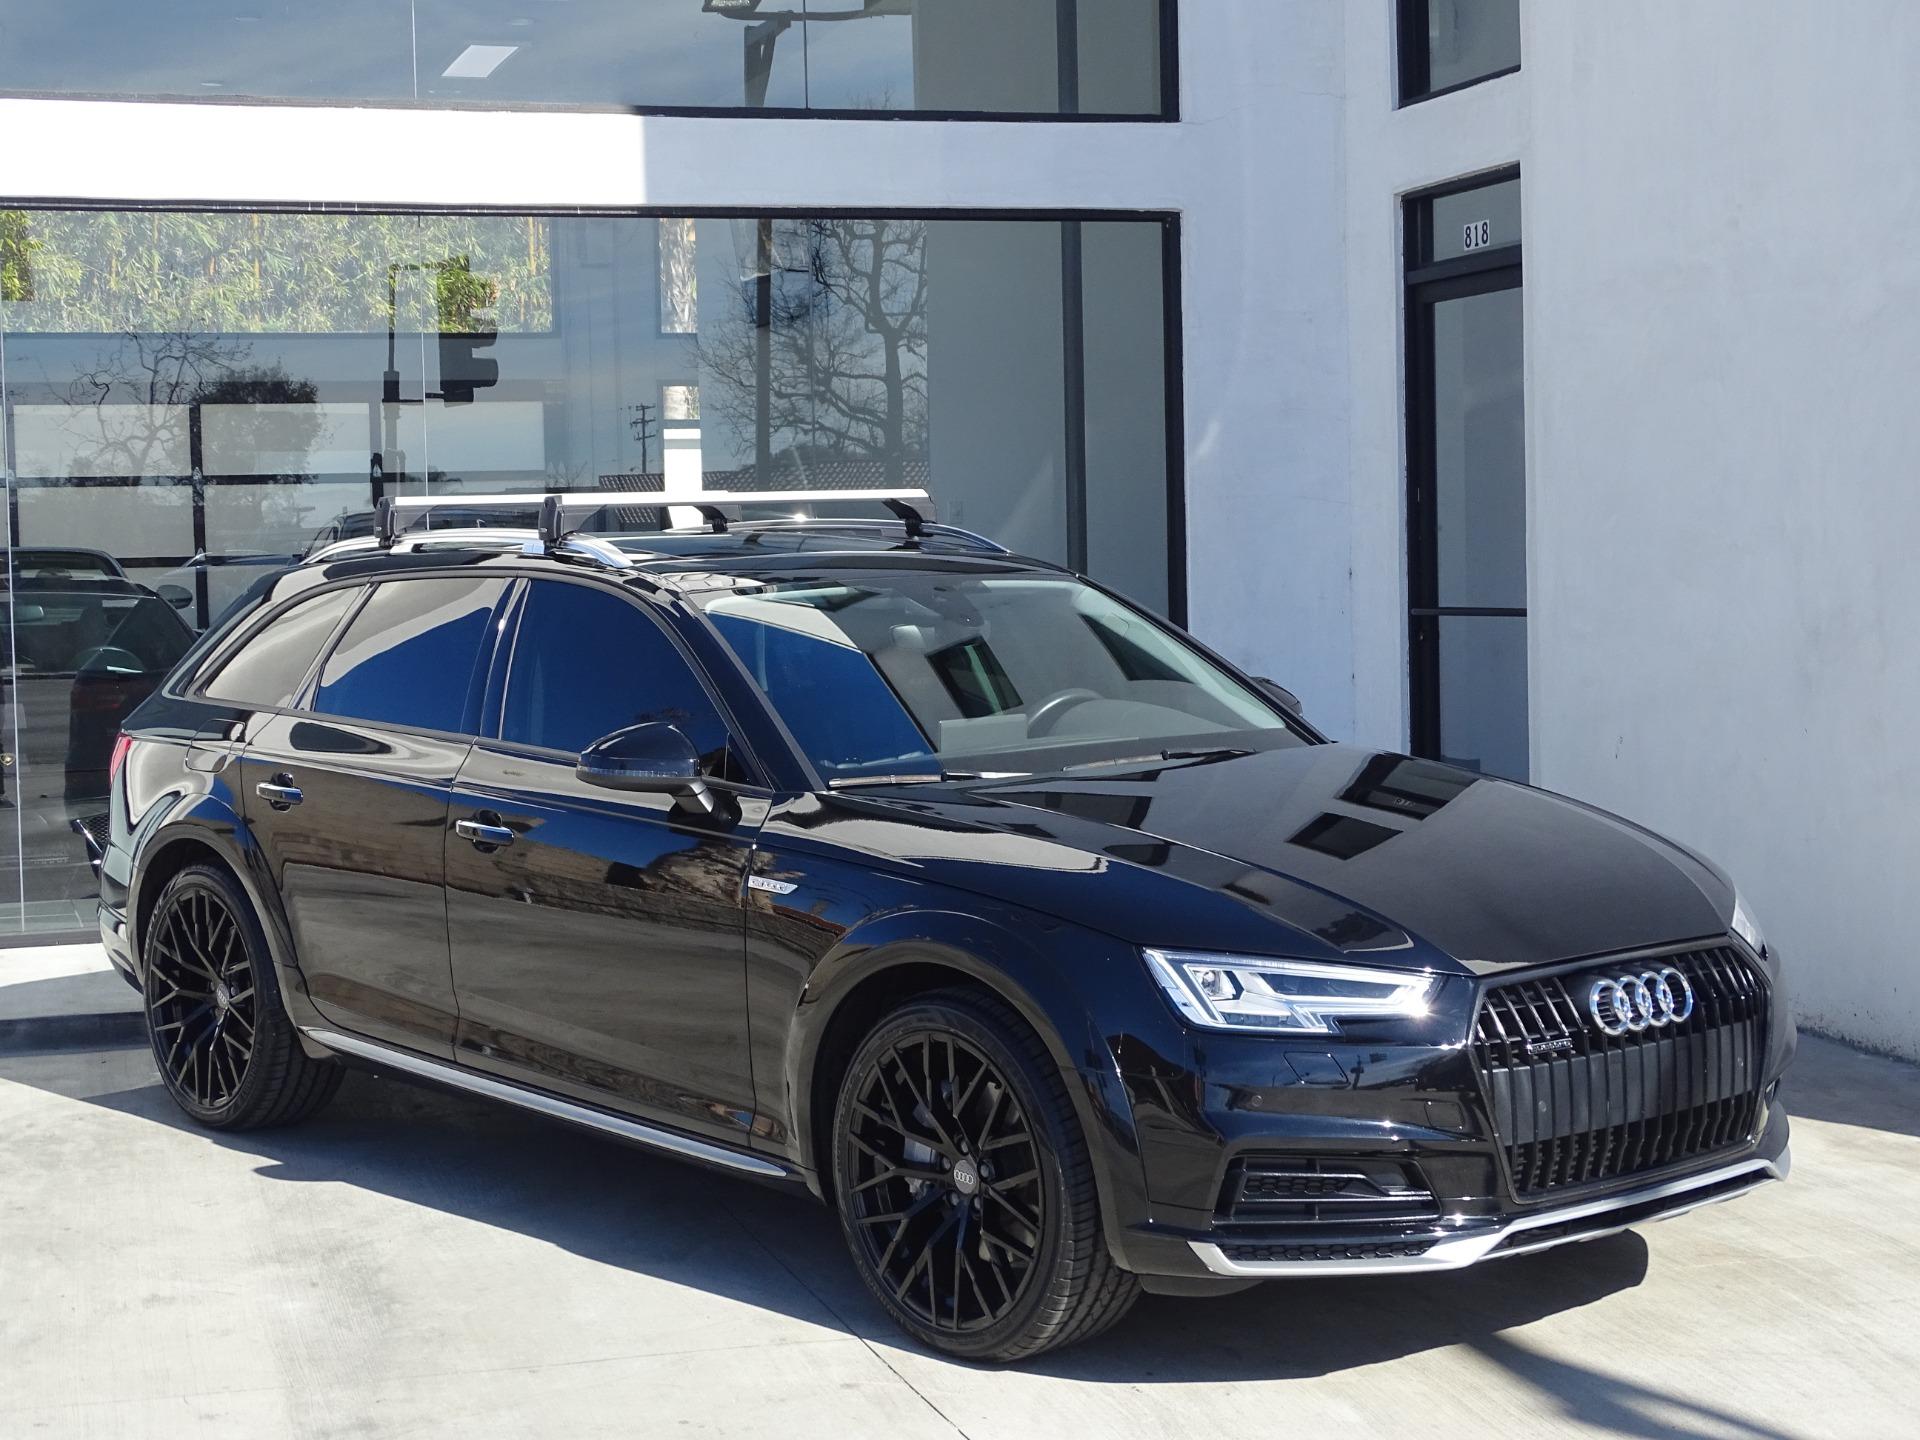 Used-2017-Audi-A4-allroad-20T-quattro-Premium-Plus